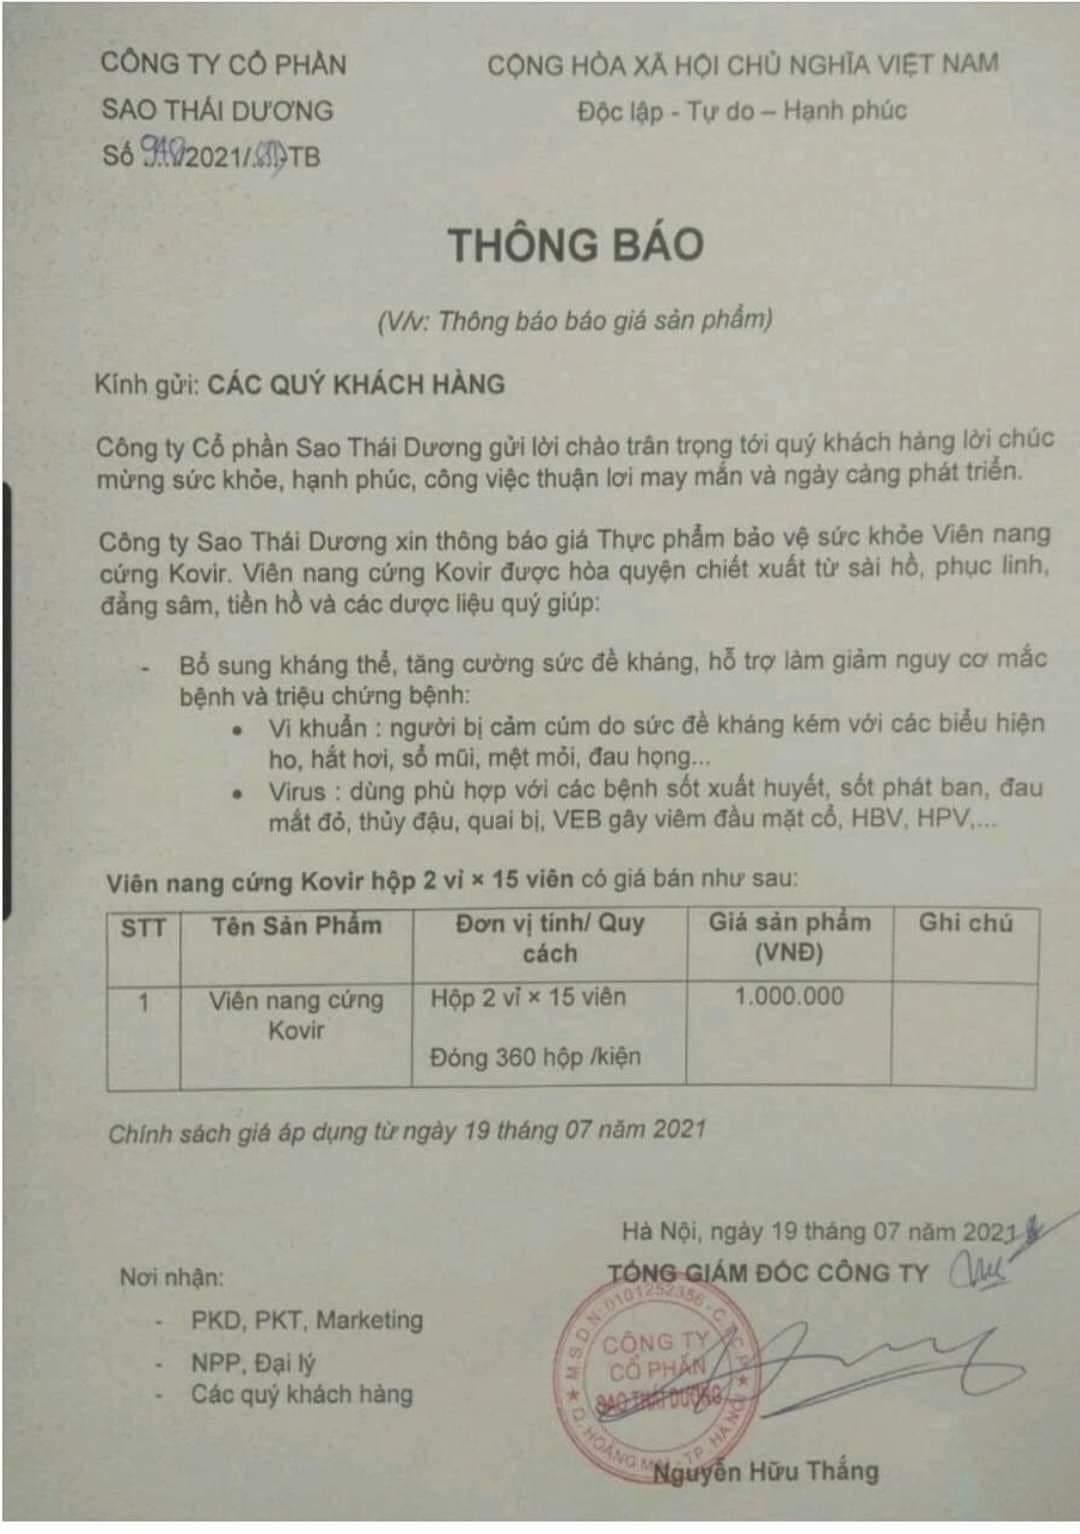 """TGĐ Công ty CP Sao Thái Dương: Sản phẩm đưa vào danh mục hướng dẫn điều trị Covid-19 do """"ở trên"""" đánh giá!?"""